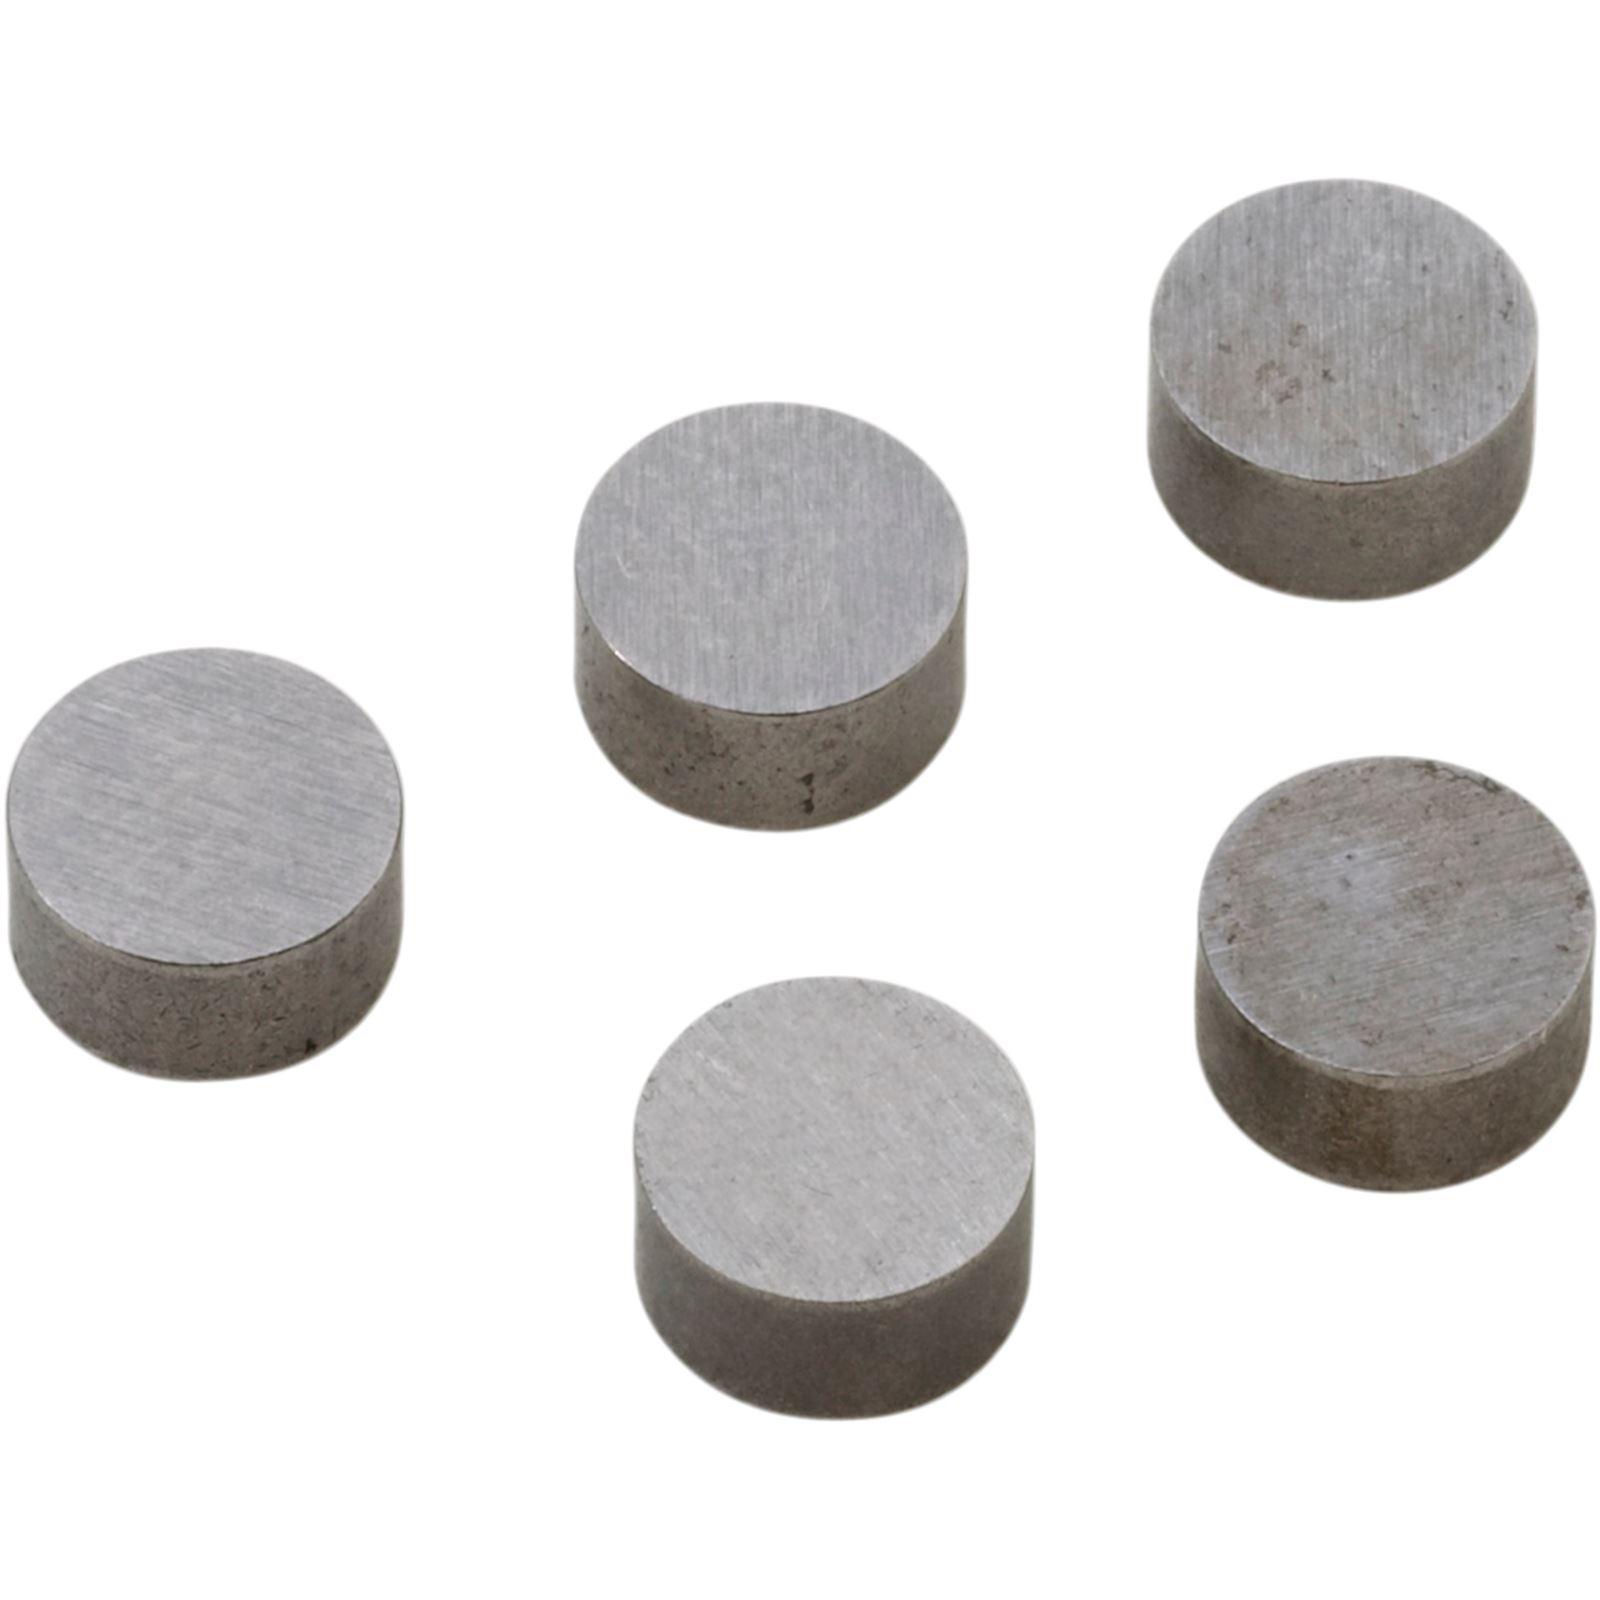 Moose Racing Valve Shim - 9.48 x 3.35 - 5/Pack